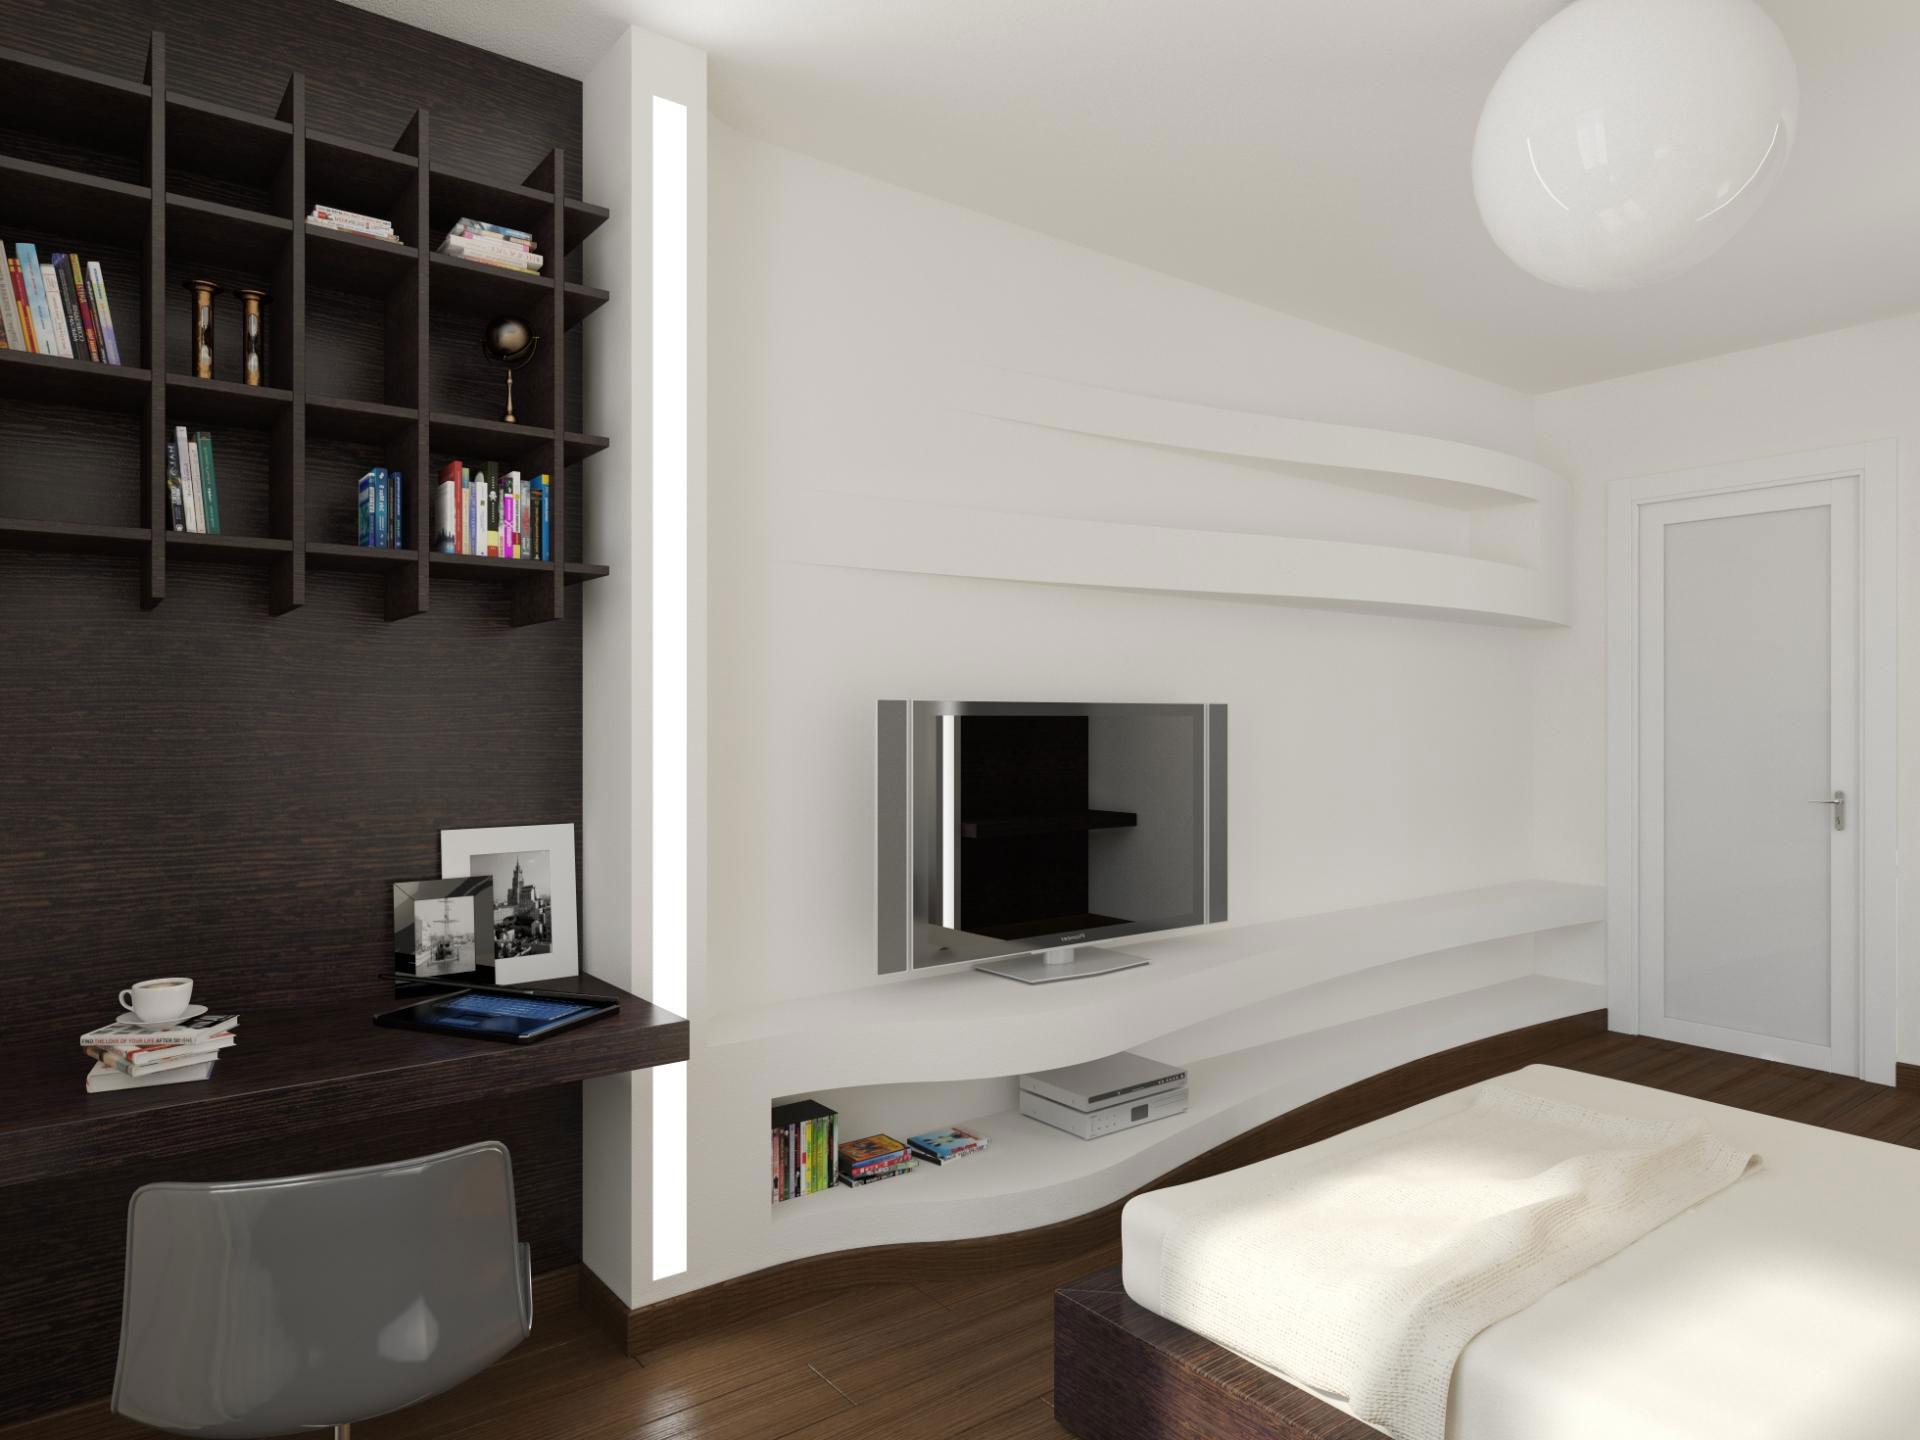 Чудное оформление интерьера квартиры в стиле минимализм